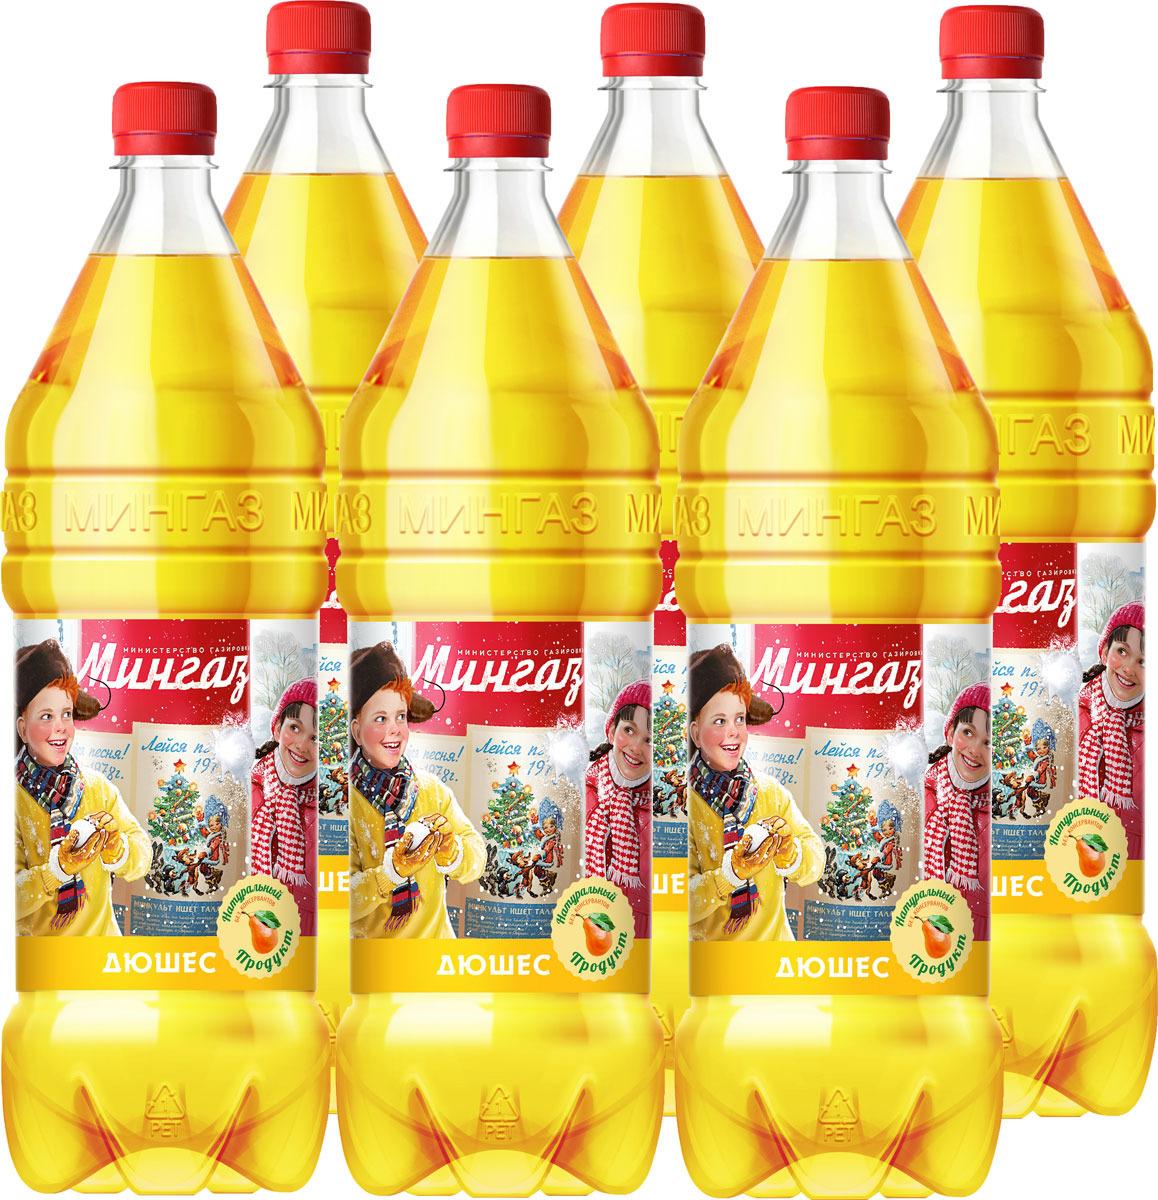 лимонад министерство газировки таежная сказка 6 шт по 1 5 л Лимонад Министерство Газировки Дюшес, 6 шт по 1,5 л